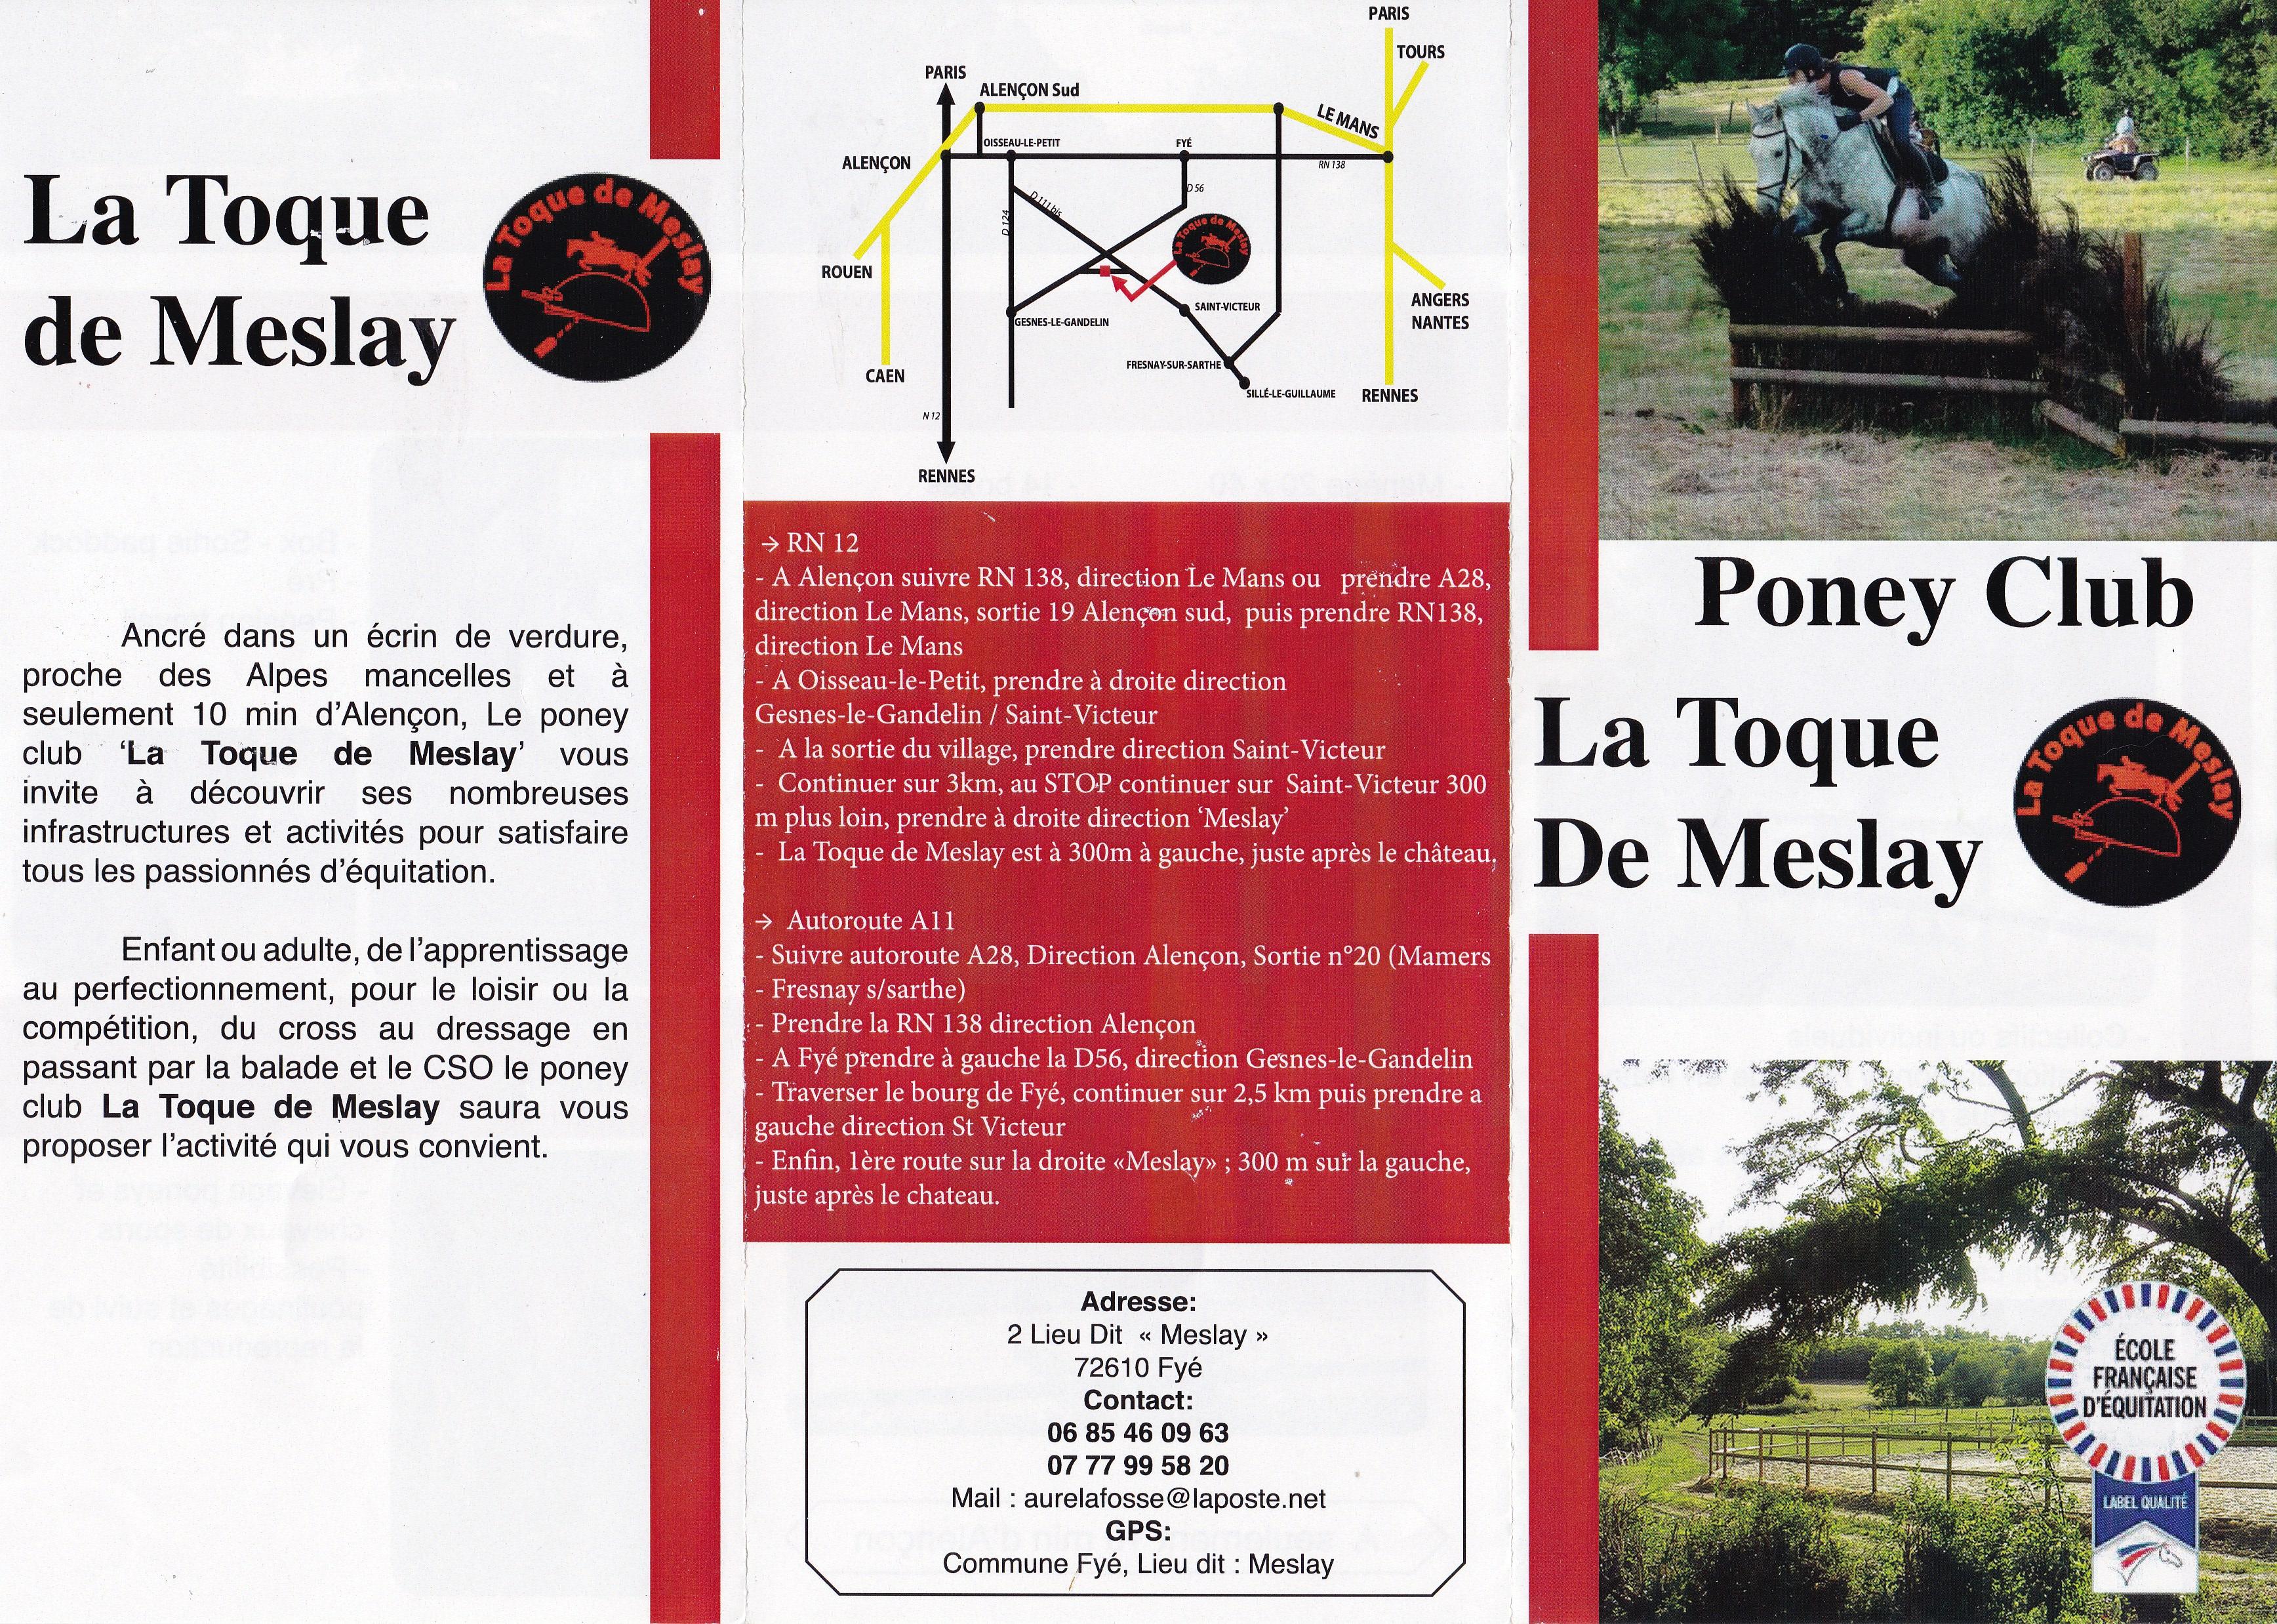 dépliant présentant le Poney club de la Toque de Meslay